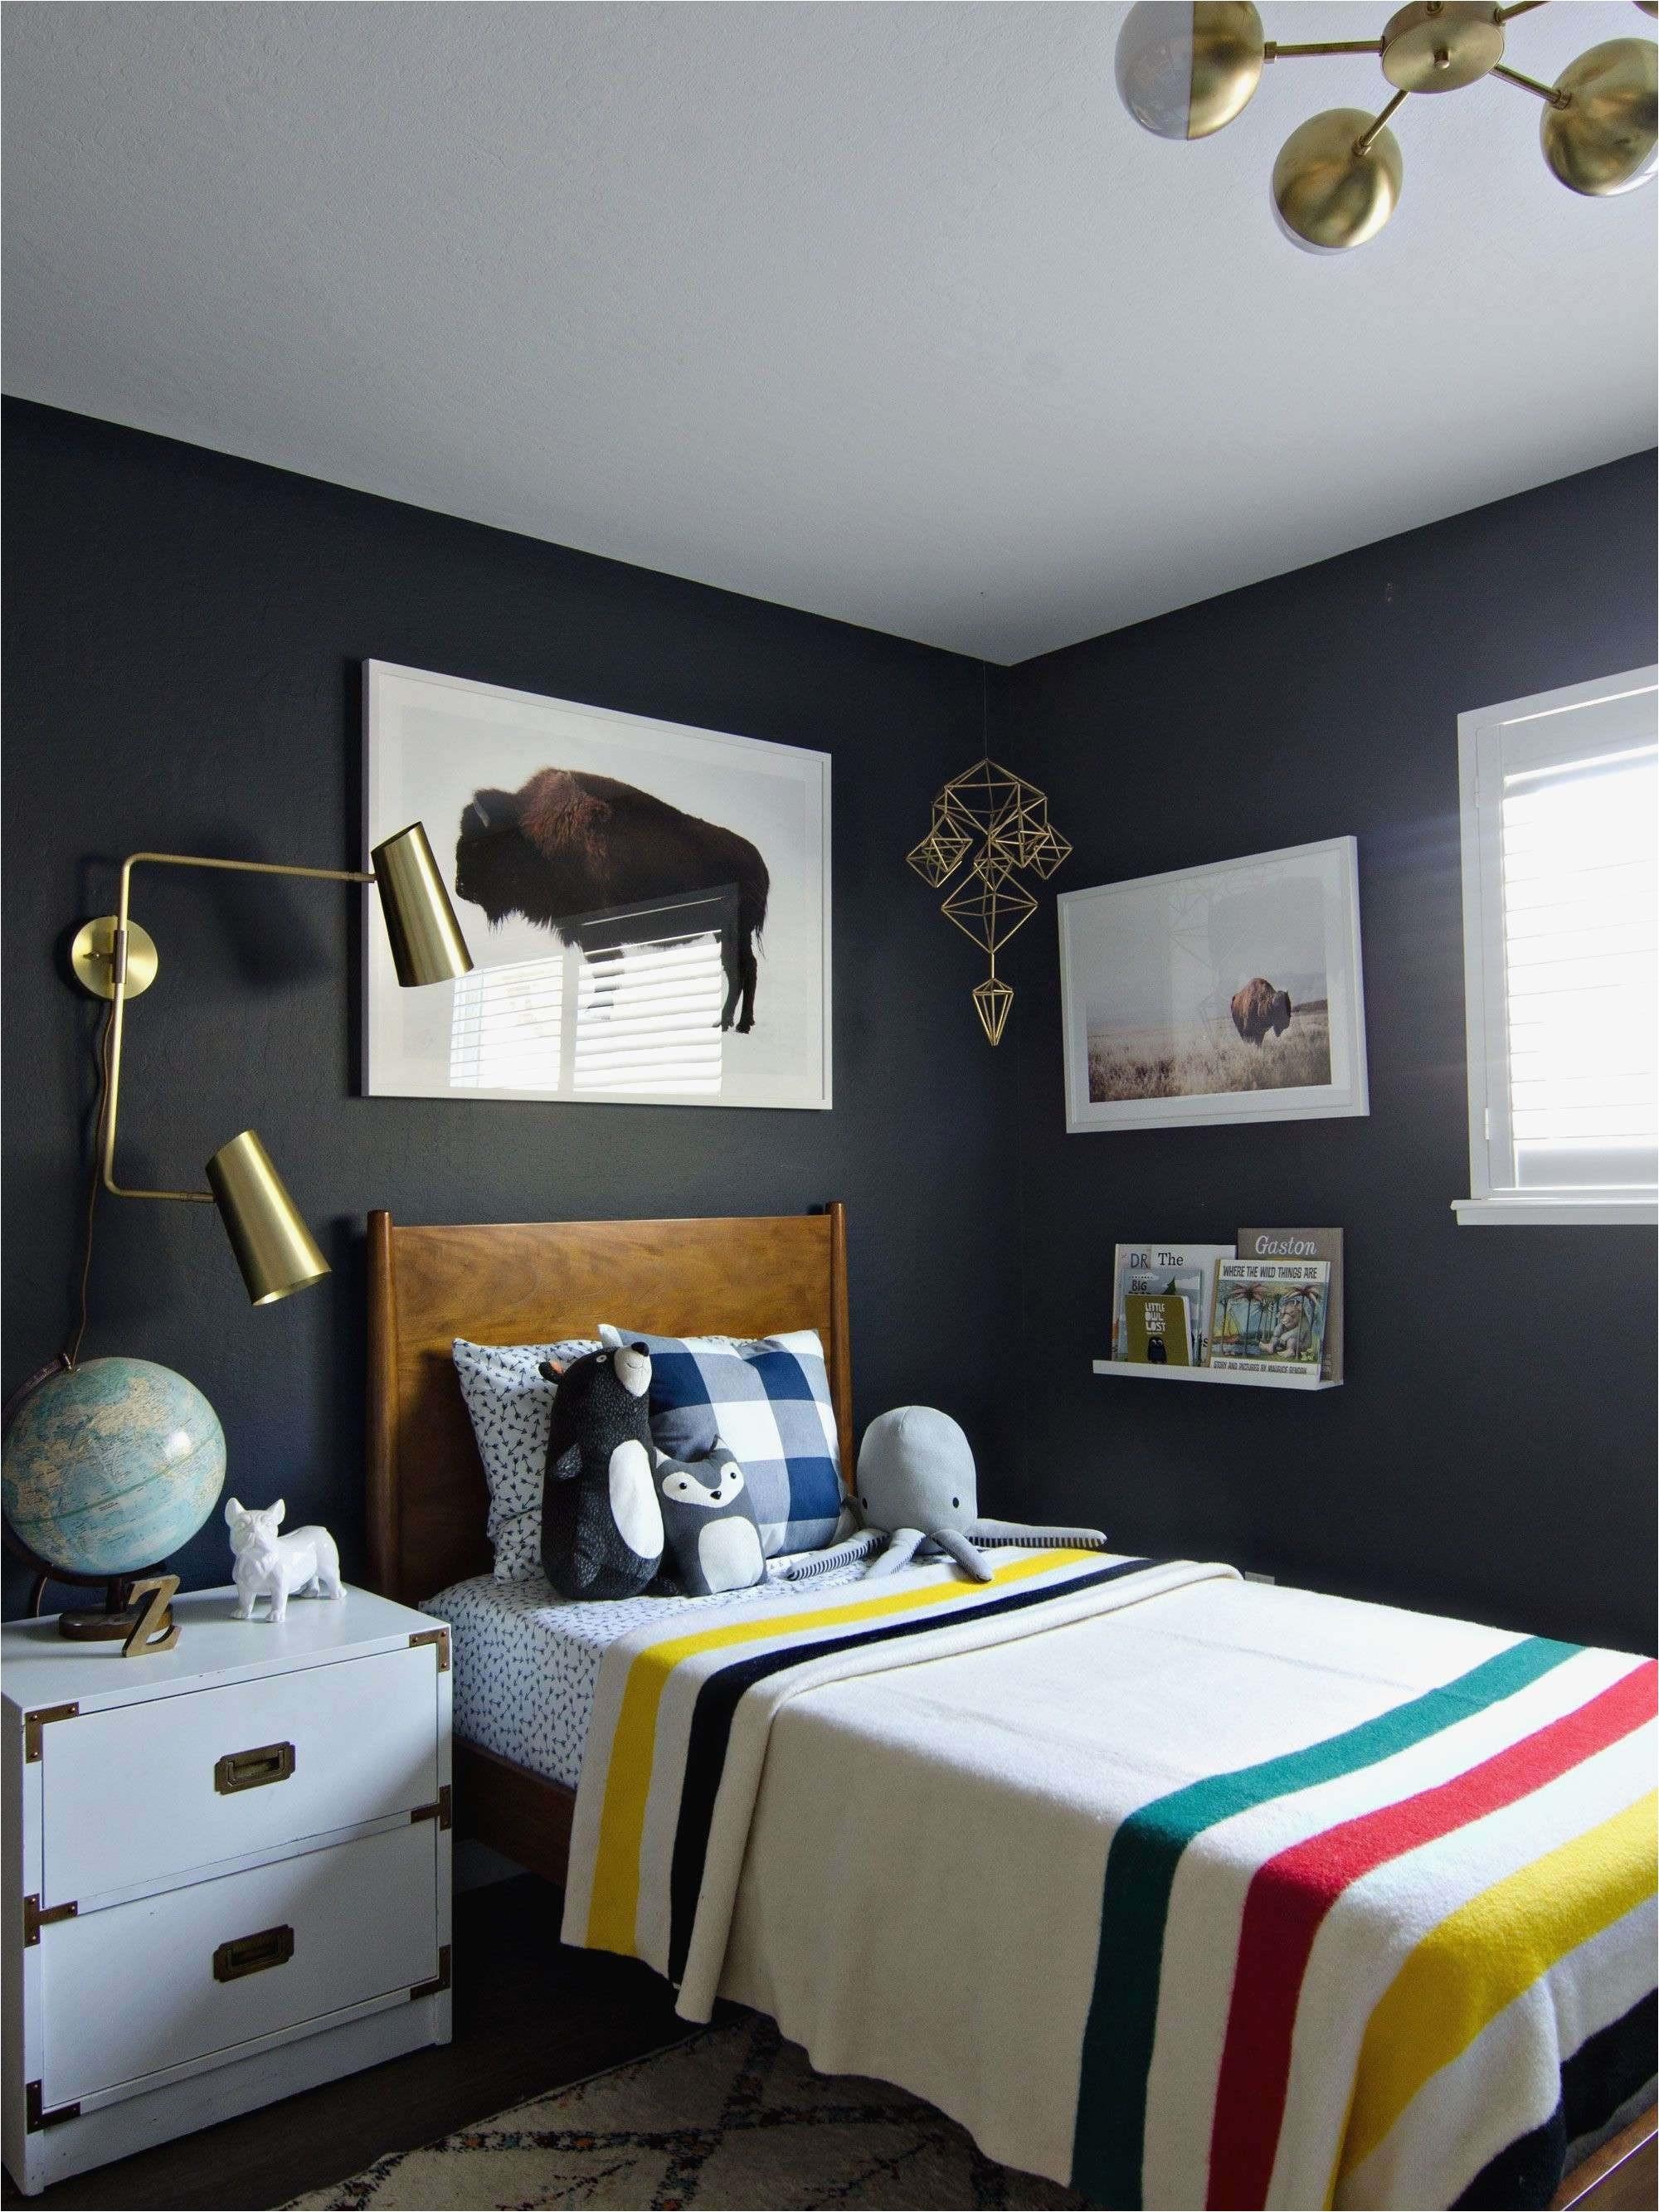 Grey and Purple Bedroom Color Schemes Elegant 25 Color Ideas for Bedroom Pretty Bedroom Bedroom Pop Bedroom Pop 0d